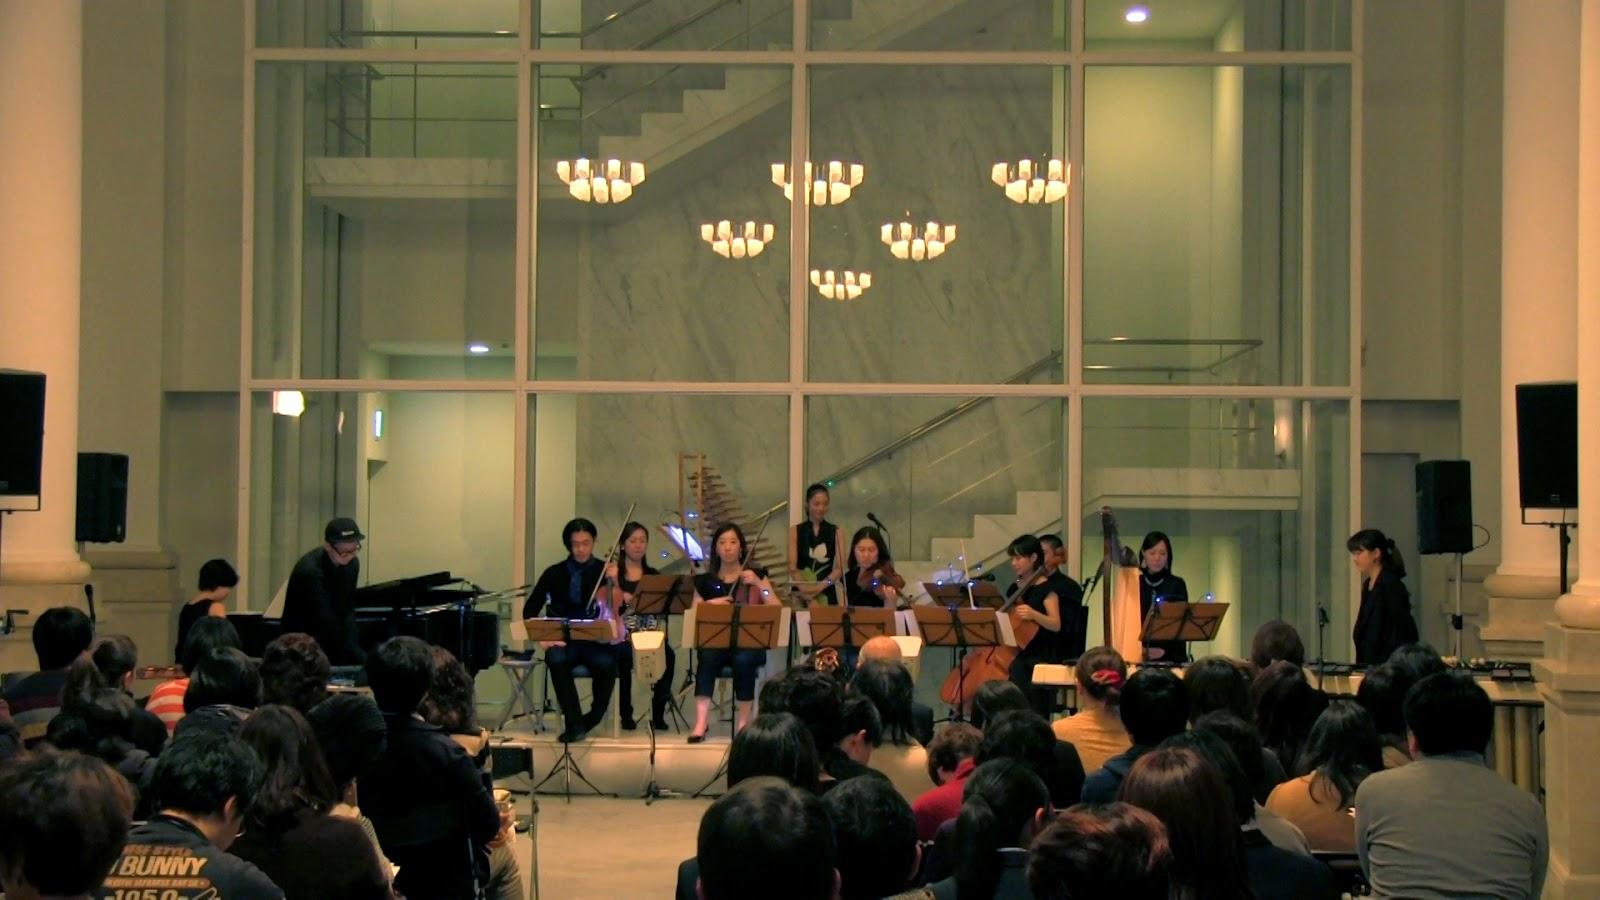 ROSCO MOTION ORCHESTRA,ロスコモーションオーケストラ,「Instrumental live vol.7」,RoscoMotionOrchestra,中野徳子